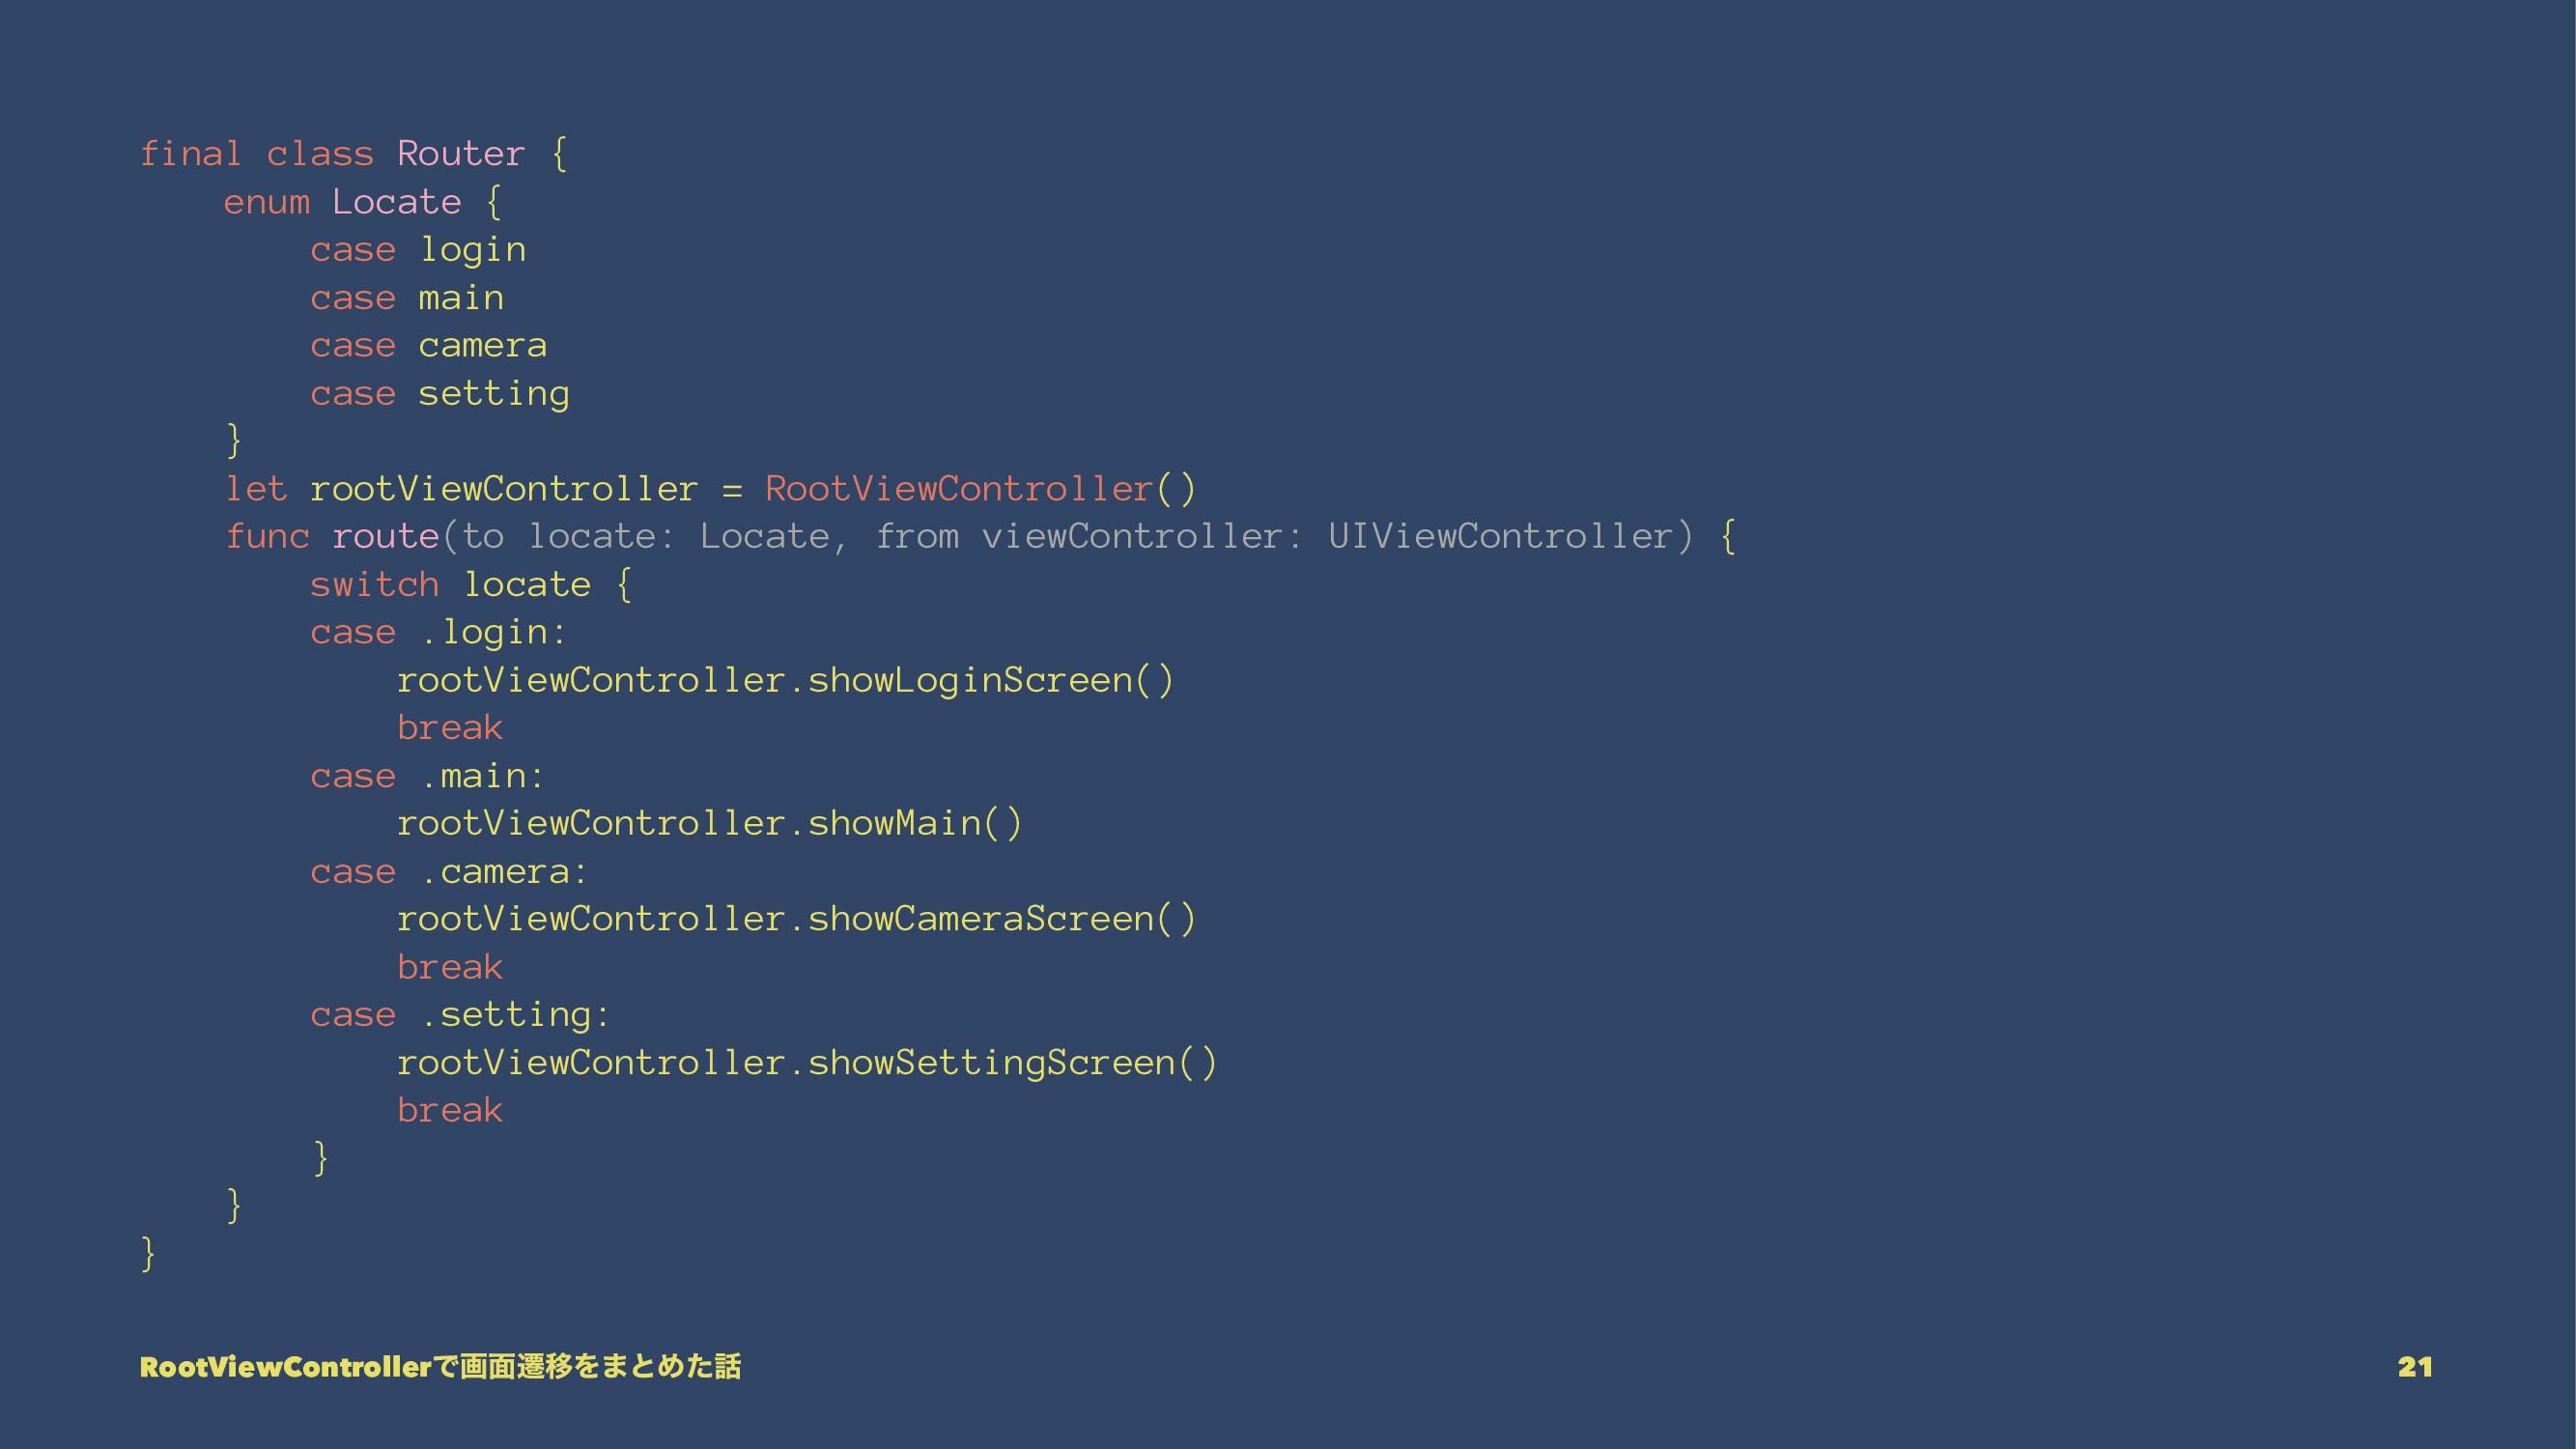 final class Router { enum Locate { case login c...